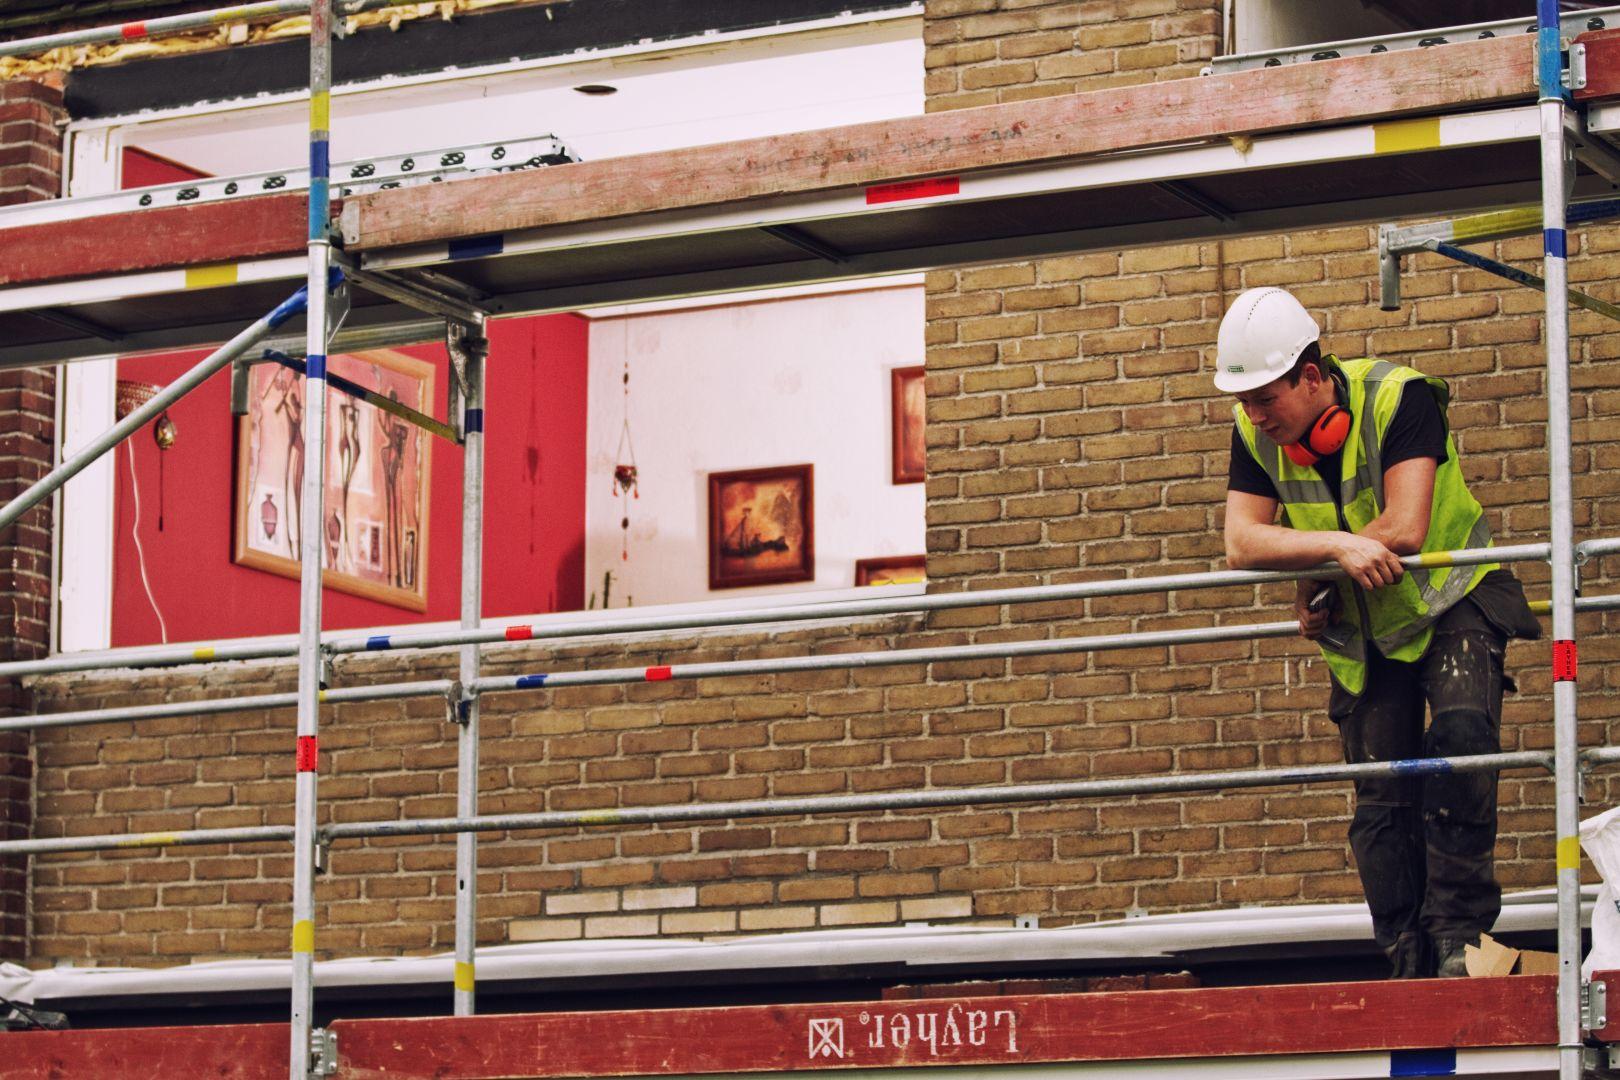 Huis bosboomstraat heerhugowaard renovatie bam bouw zakelijke fotografie rick akkerman - Huis renovatie ...